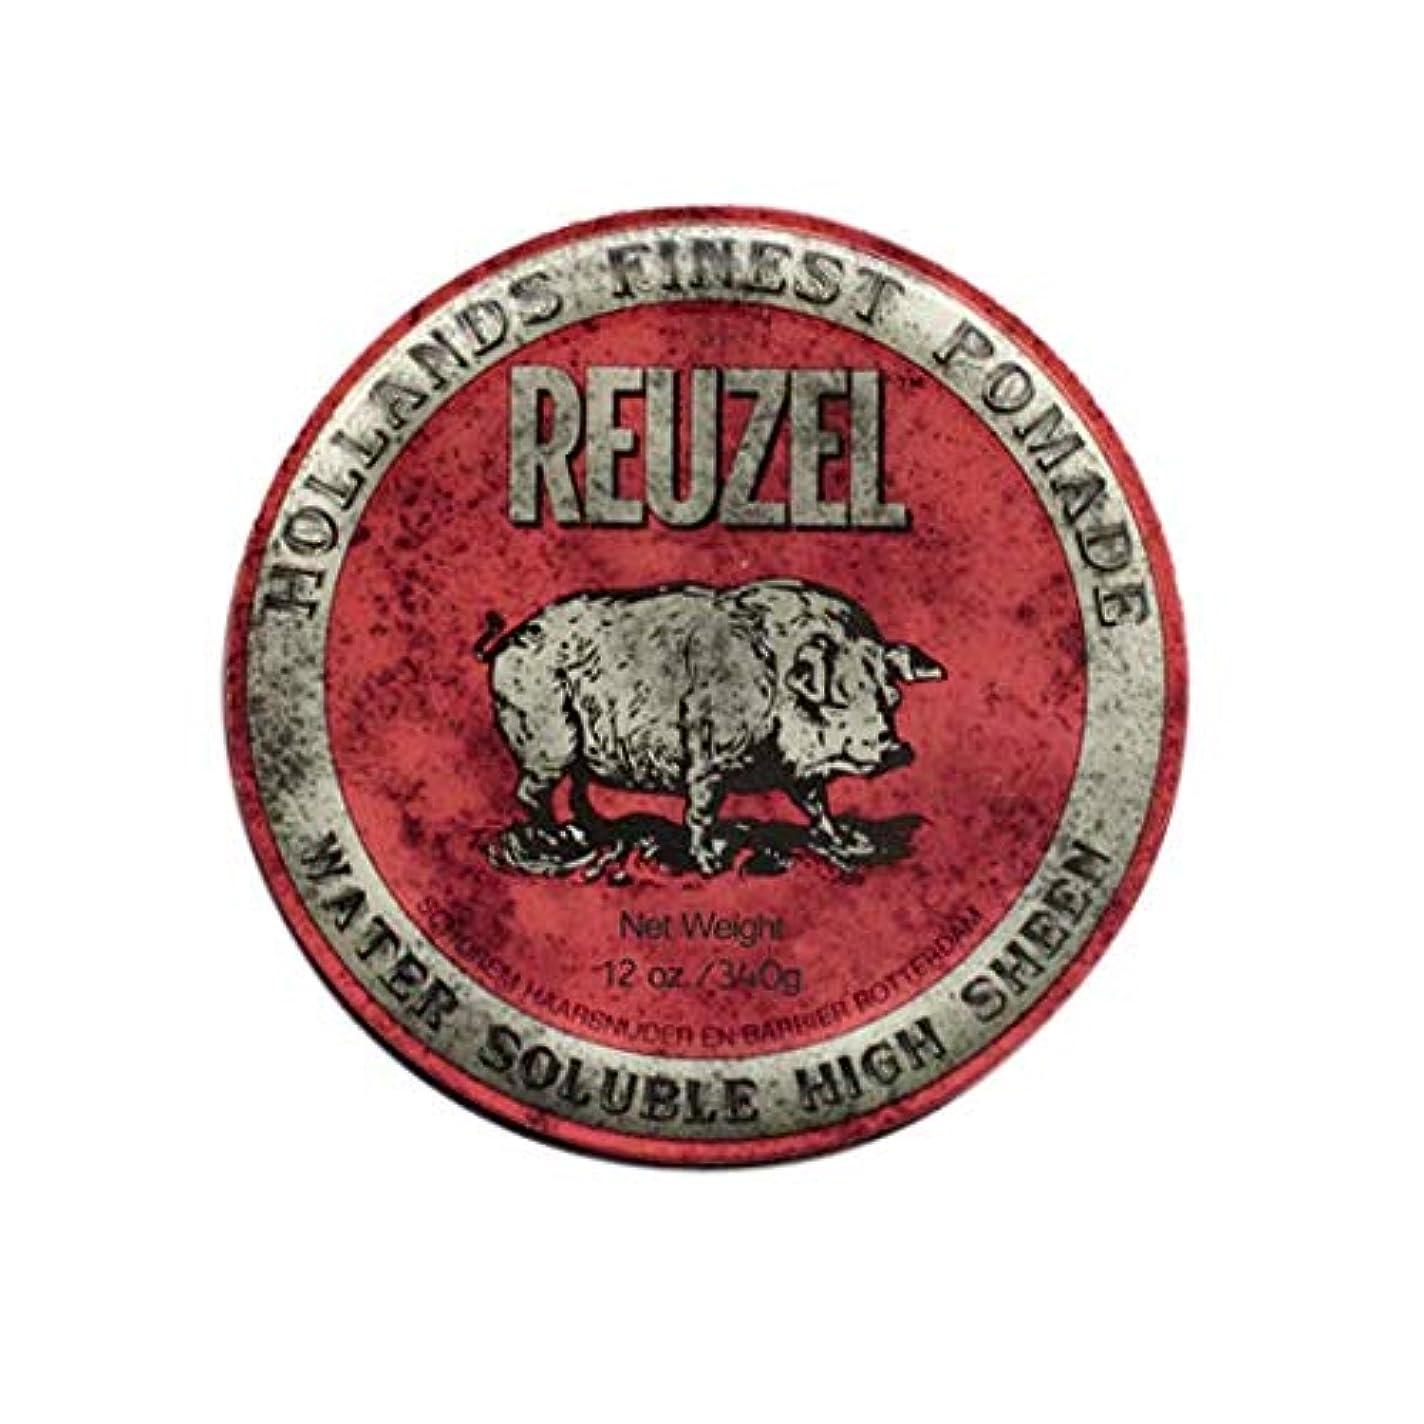 一掃するサバント満足させるルーゾー(REUZEL) ミディアムホールド レッド HIGH SHINE 340g